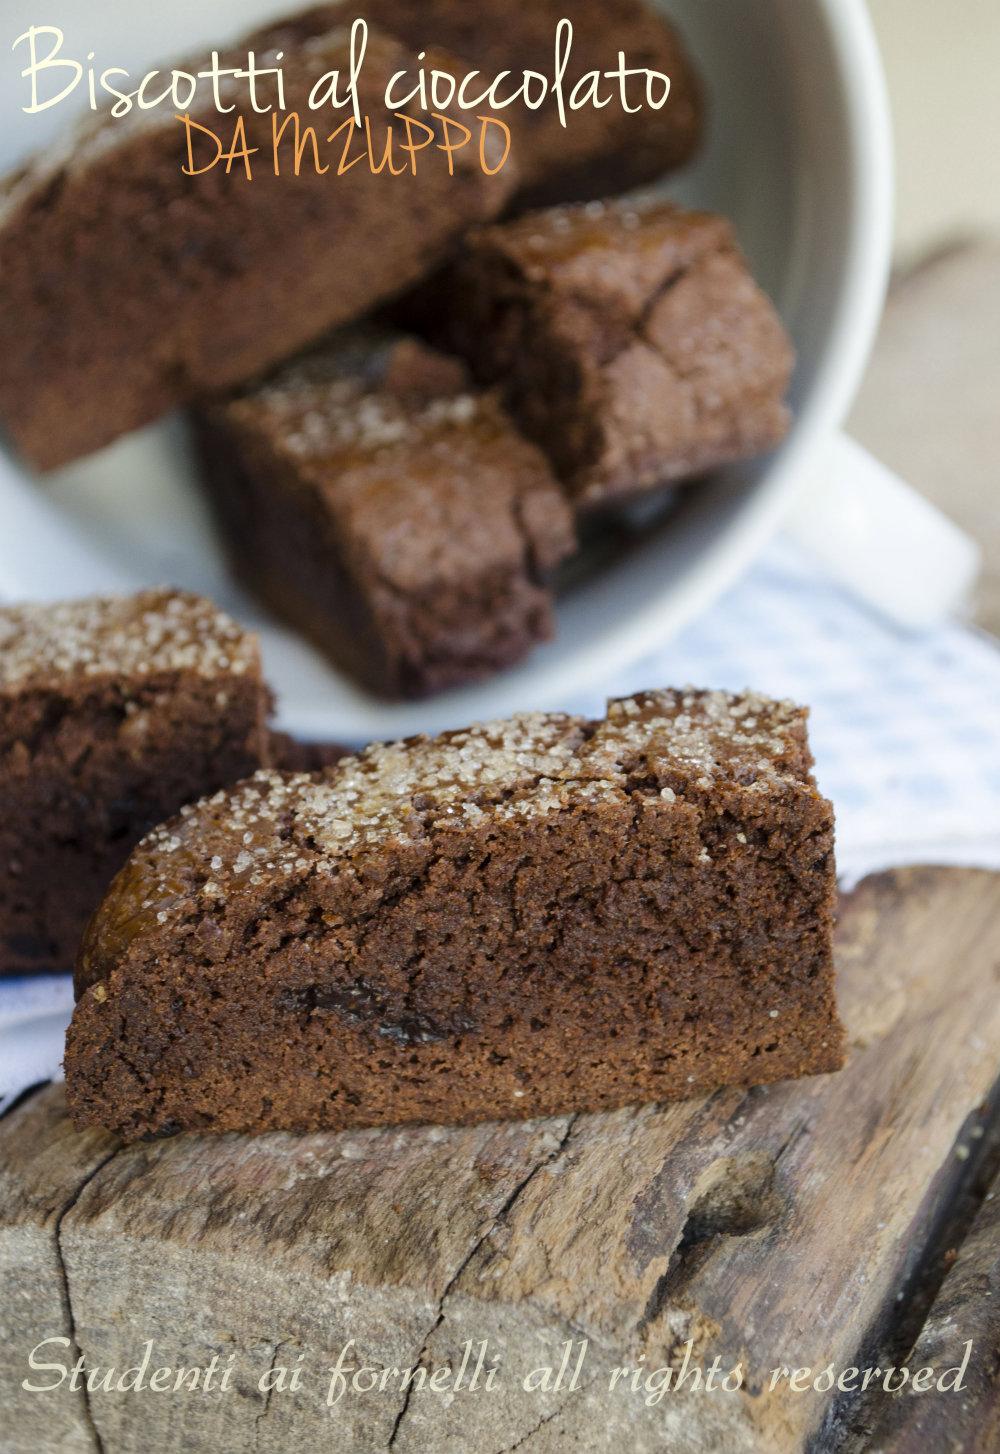 biscotti-al-cioccolato-da-inzuppo-ricetta-biscotti-da-colazione